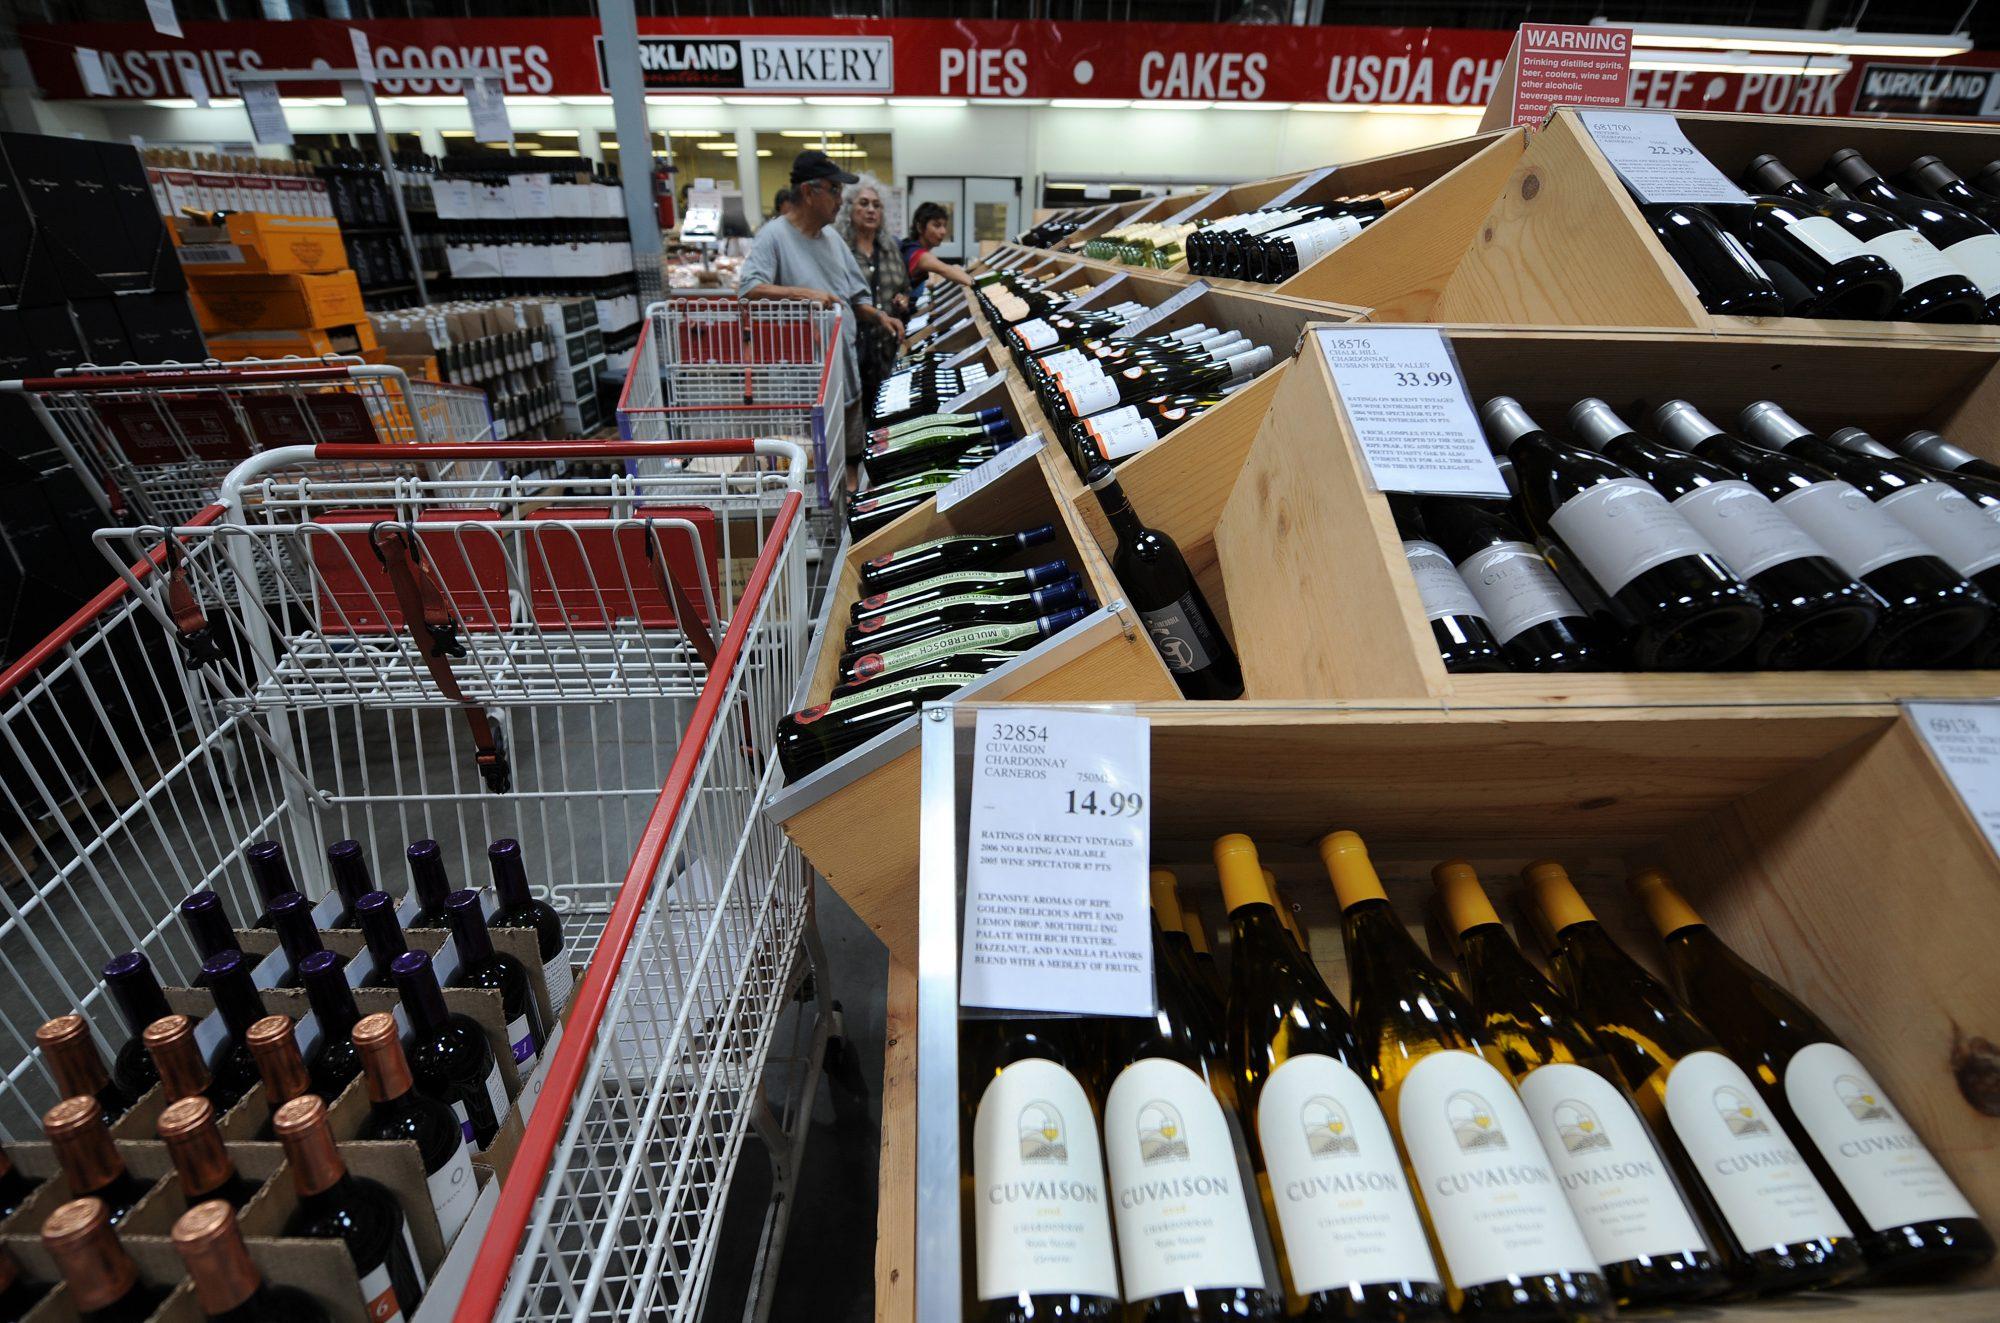 021120_Getty Costco Wine image